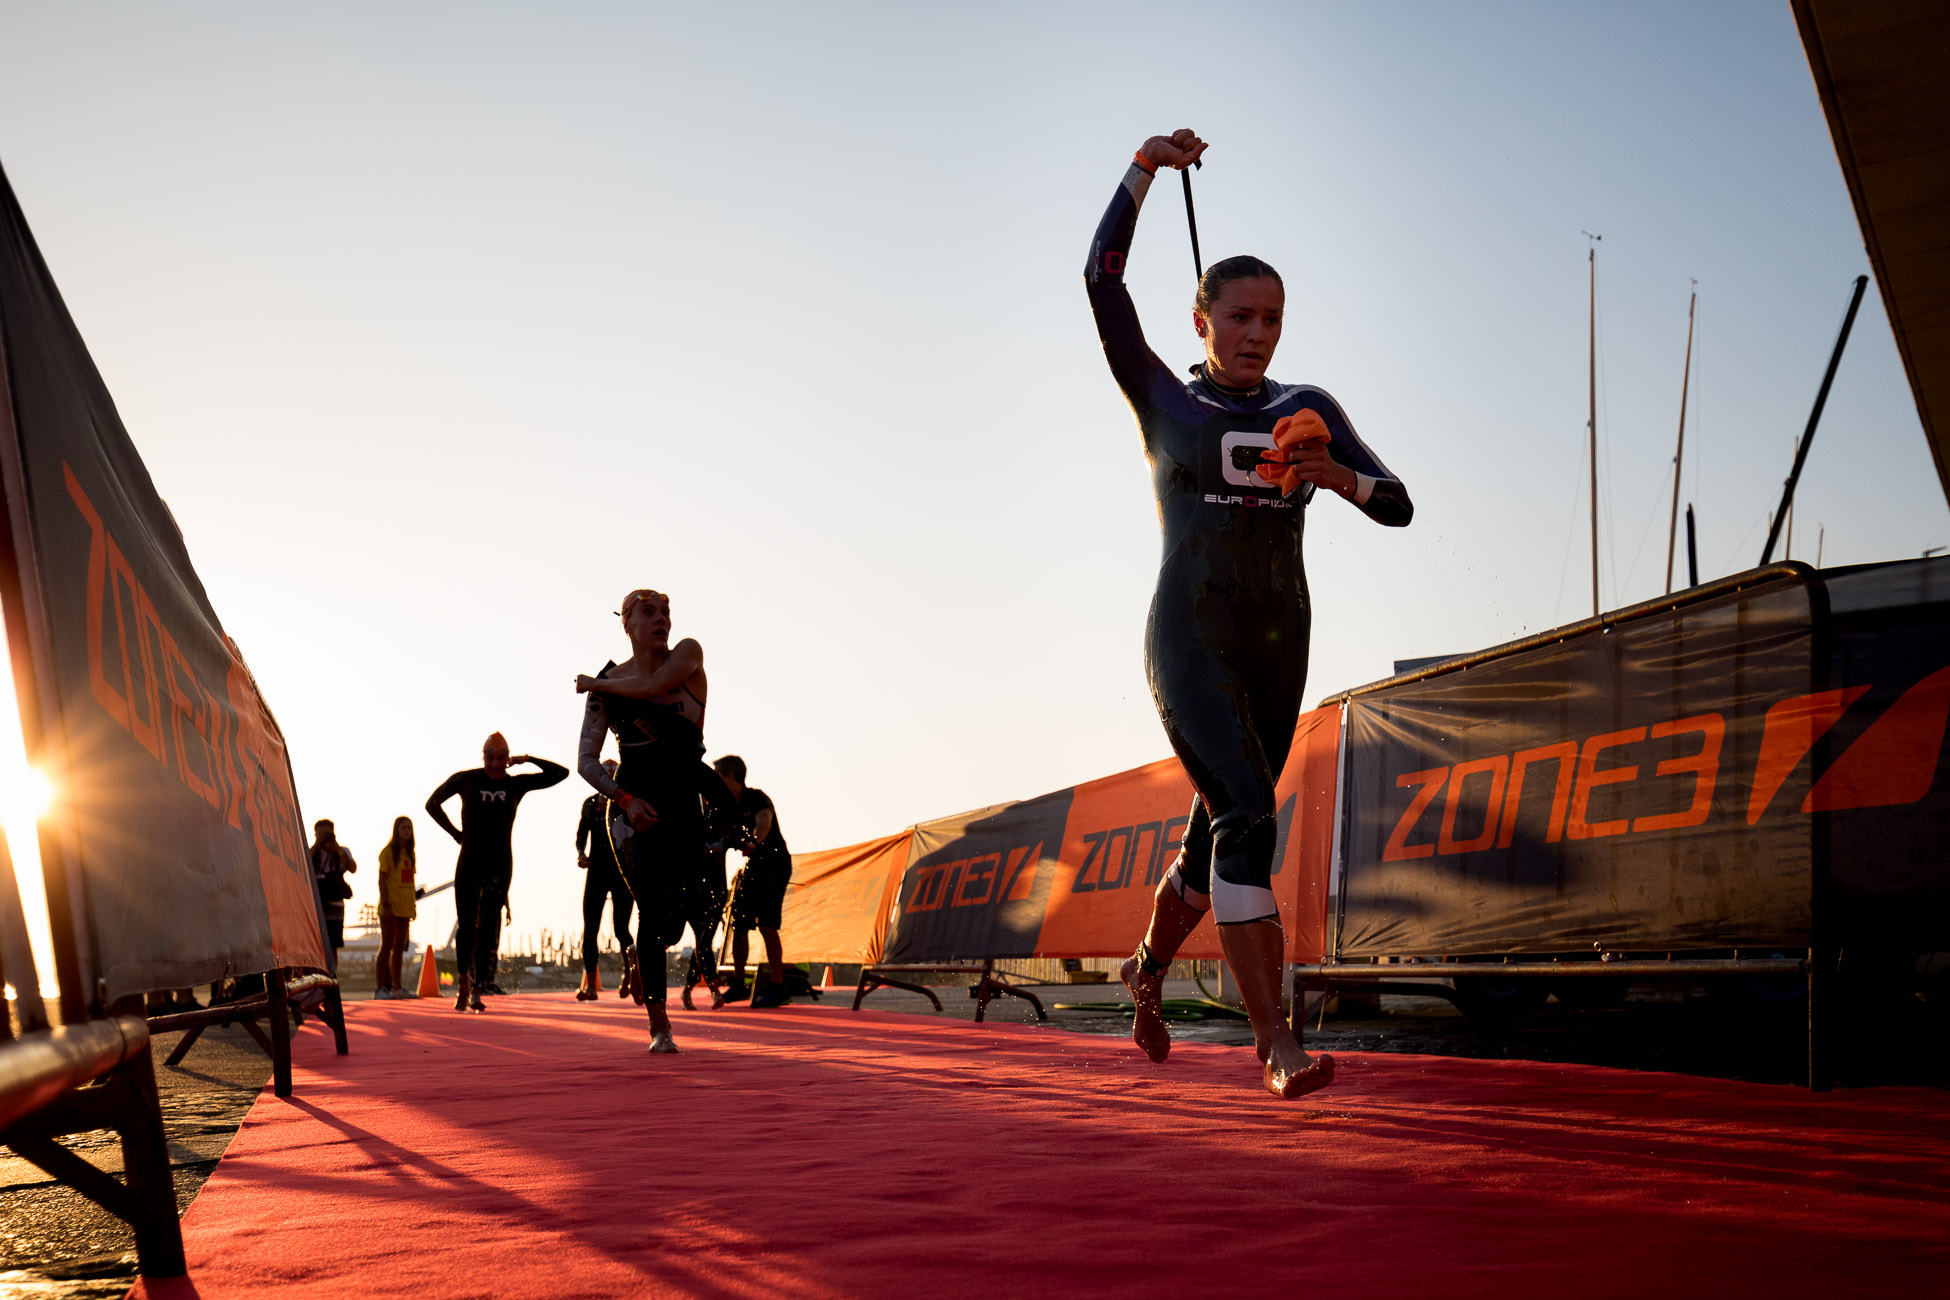 ironman-triatlo-fitness-lifestyle-desporto-atleta-fotografia-009.jpg